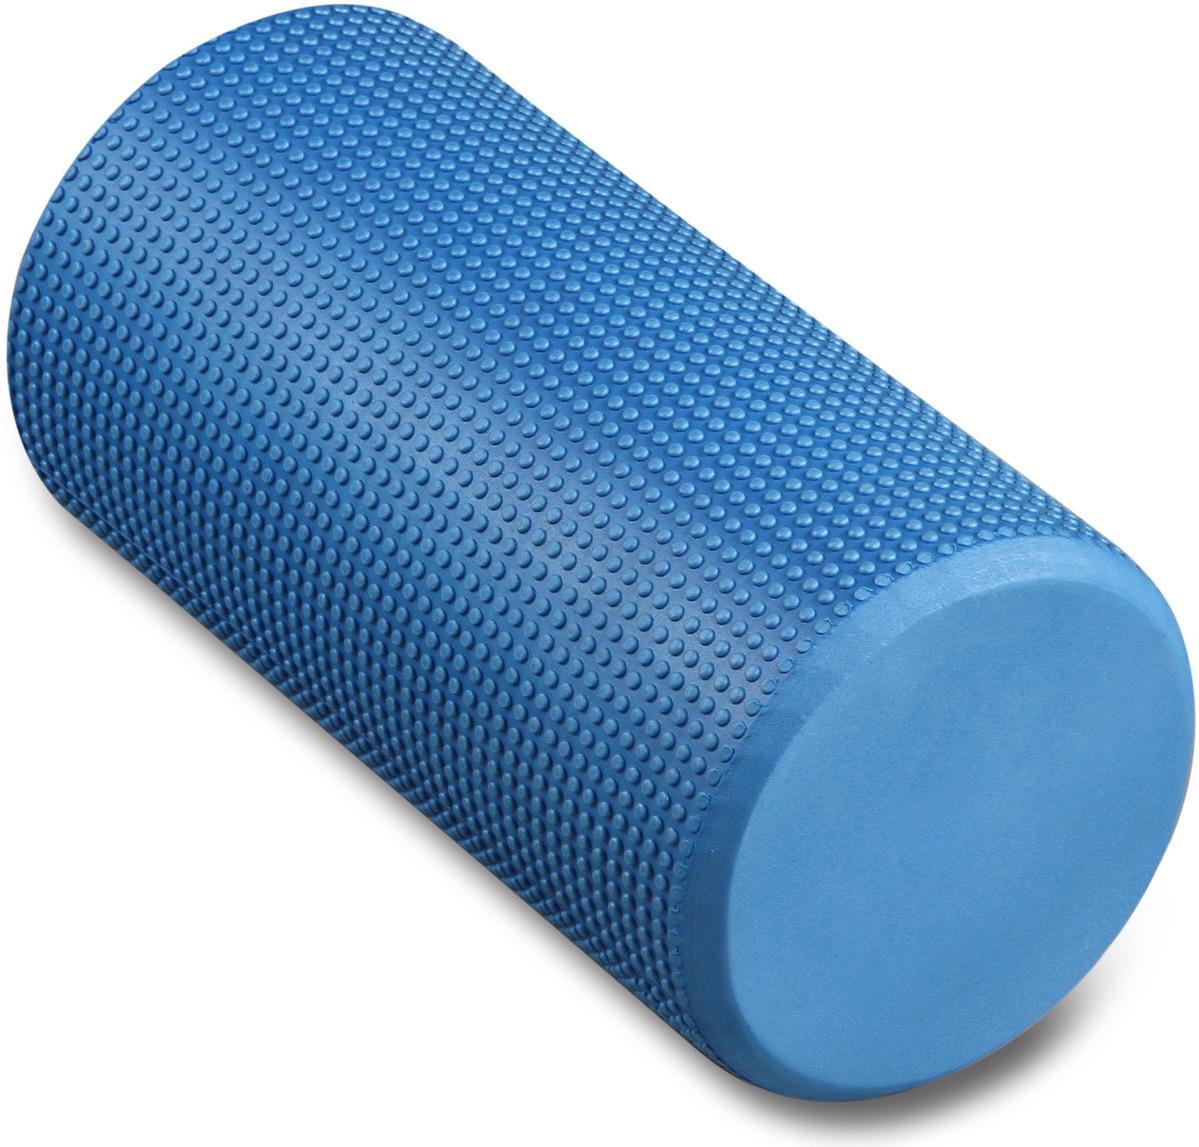 Ролик массажный для йоги Indigo, голубой, 15 х 30 см ролик массажный torneo электрический